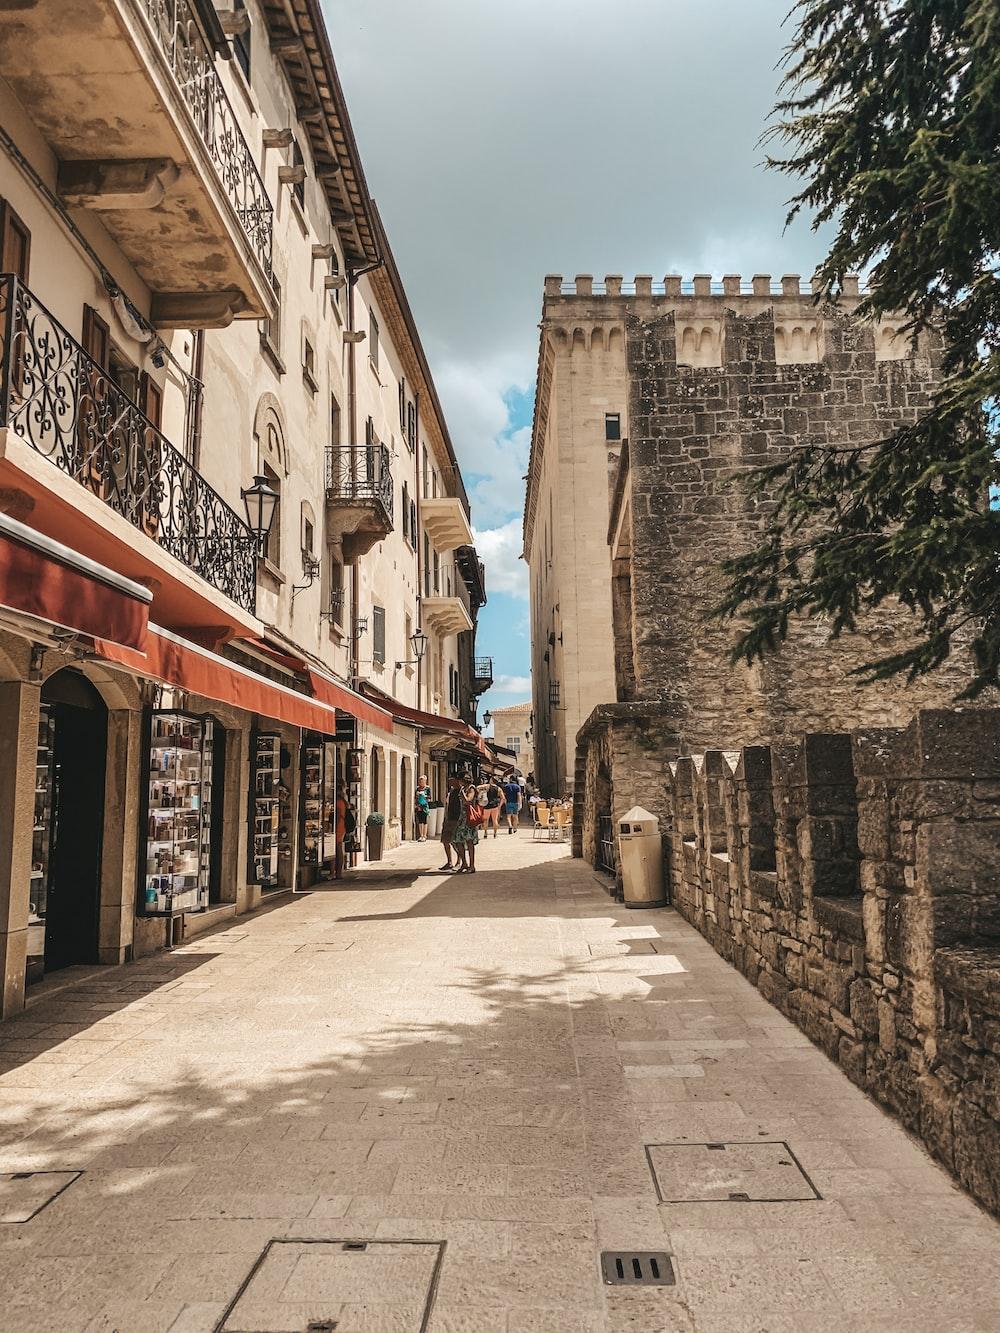 people walking on street between concrete buildings during daytime